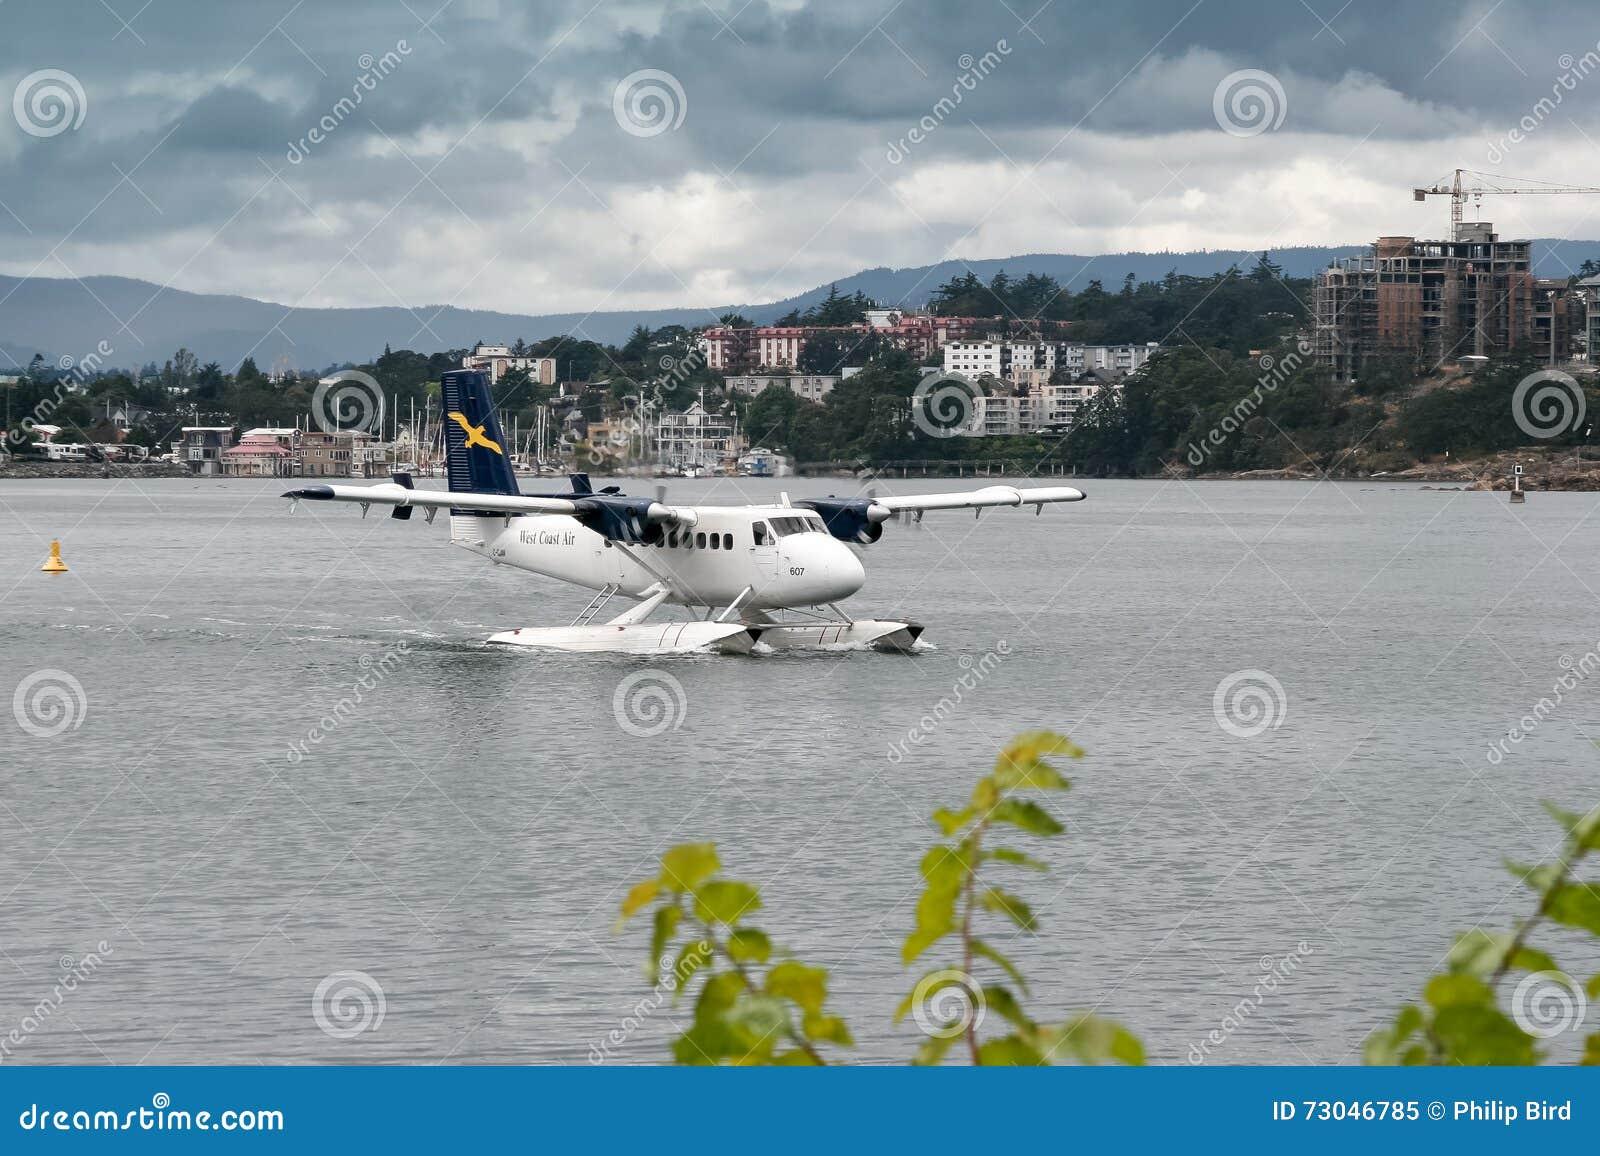 ΒΑΝΚΟΥΒΕΡ, ΚΑΝΑΔΑΣ ΒΟΡΕΙΑ ΑΜΕΡΙΚΉ - 12 ΑΥΓΟΎΣΤΟΥ: Seaplane που μετακινείται με ταξί μέσα